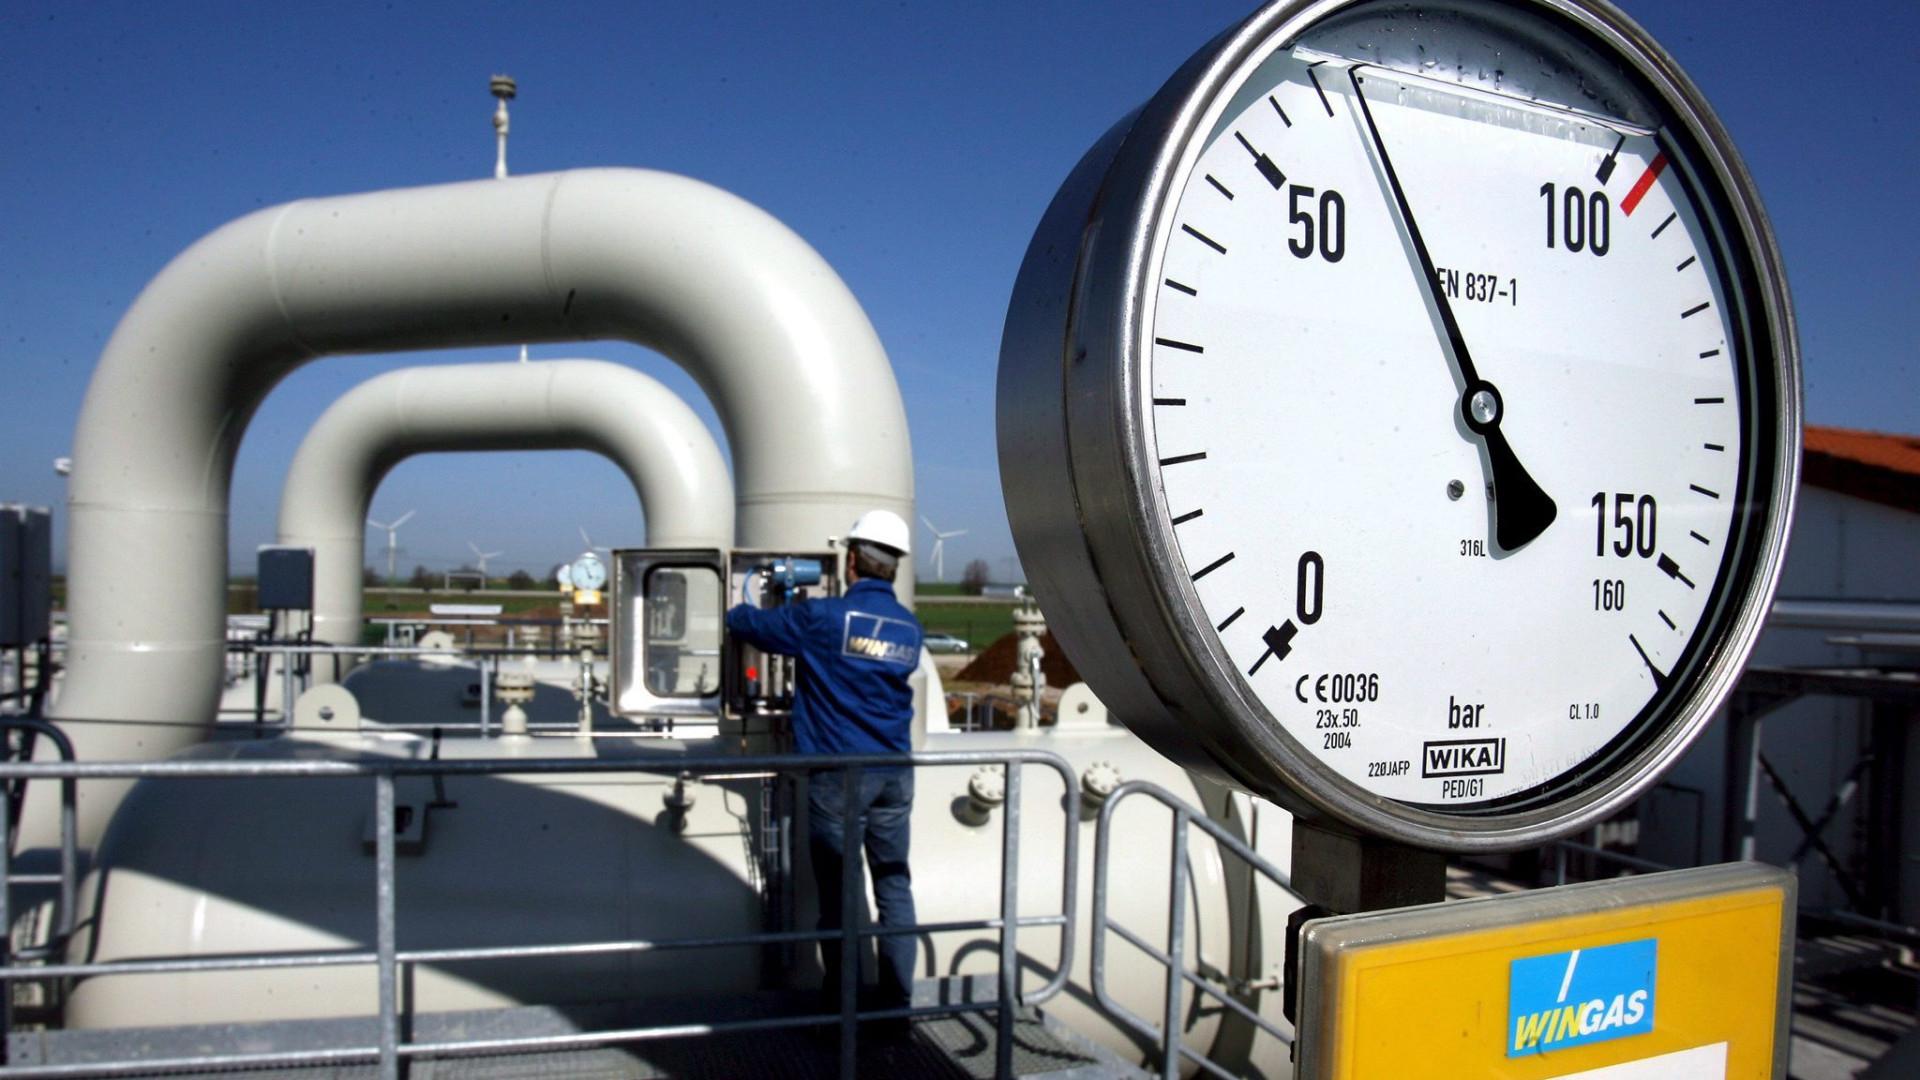 Moçambique: Petrolífera prepara abertura de poços de extração de gás